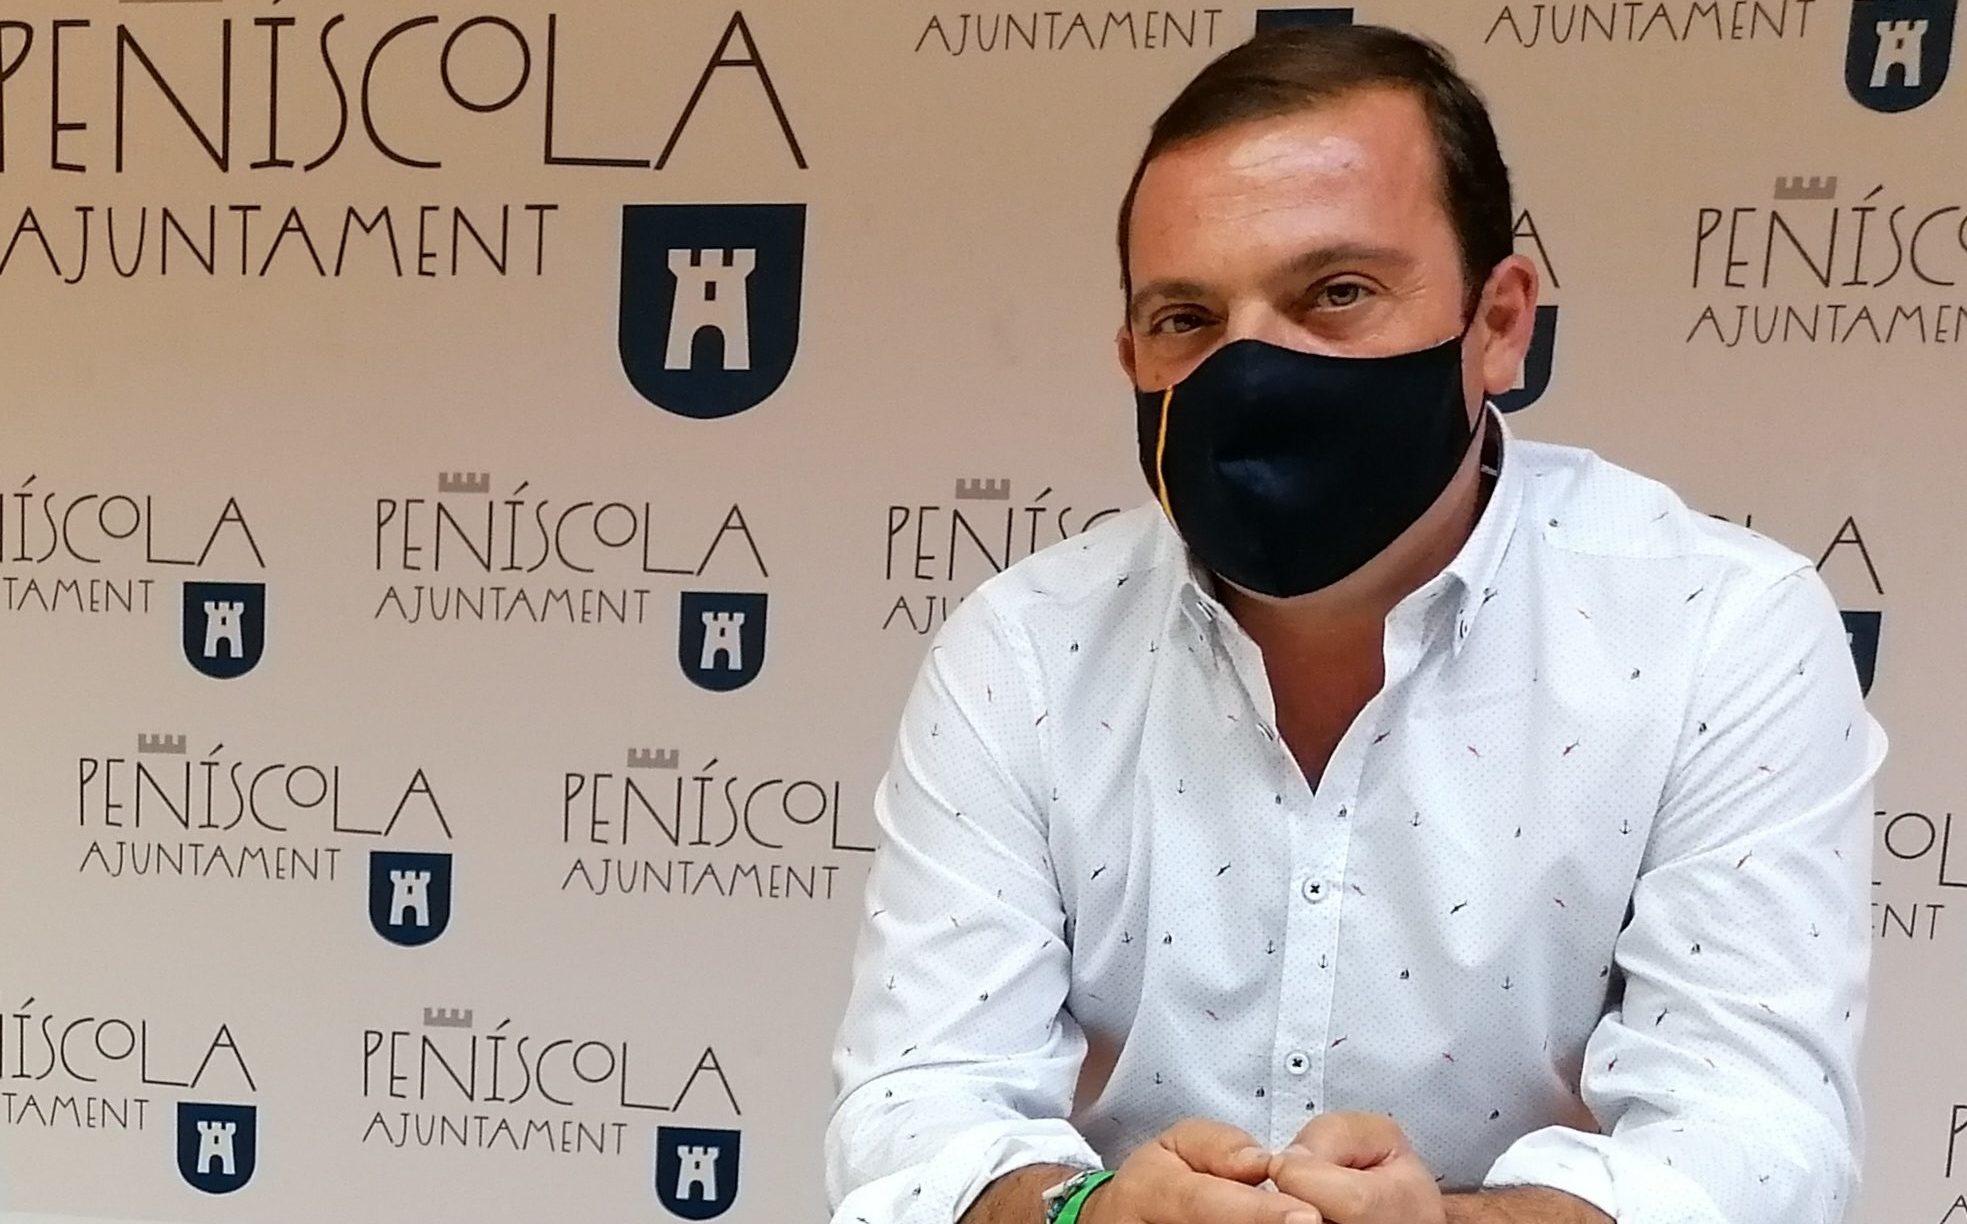 L'alcalde de Peníscola insisteix a conéixer la situació de l'Hospital de Vinaròs davant el repunt de casos